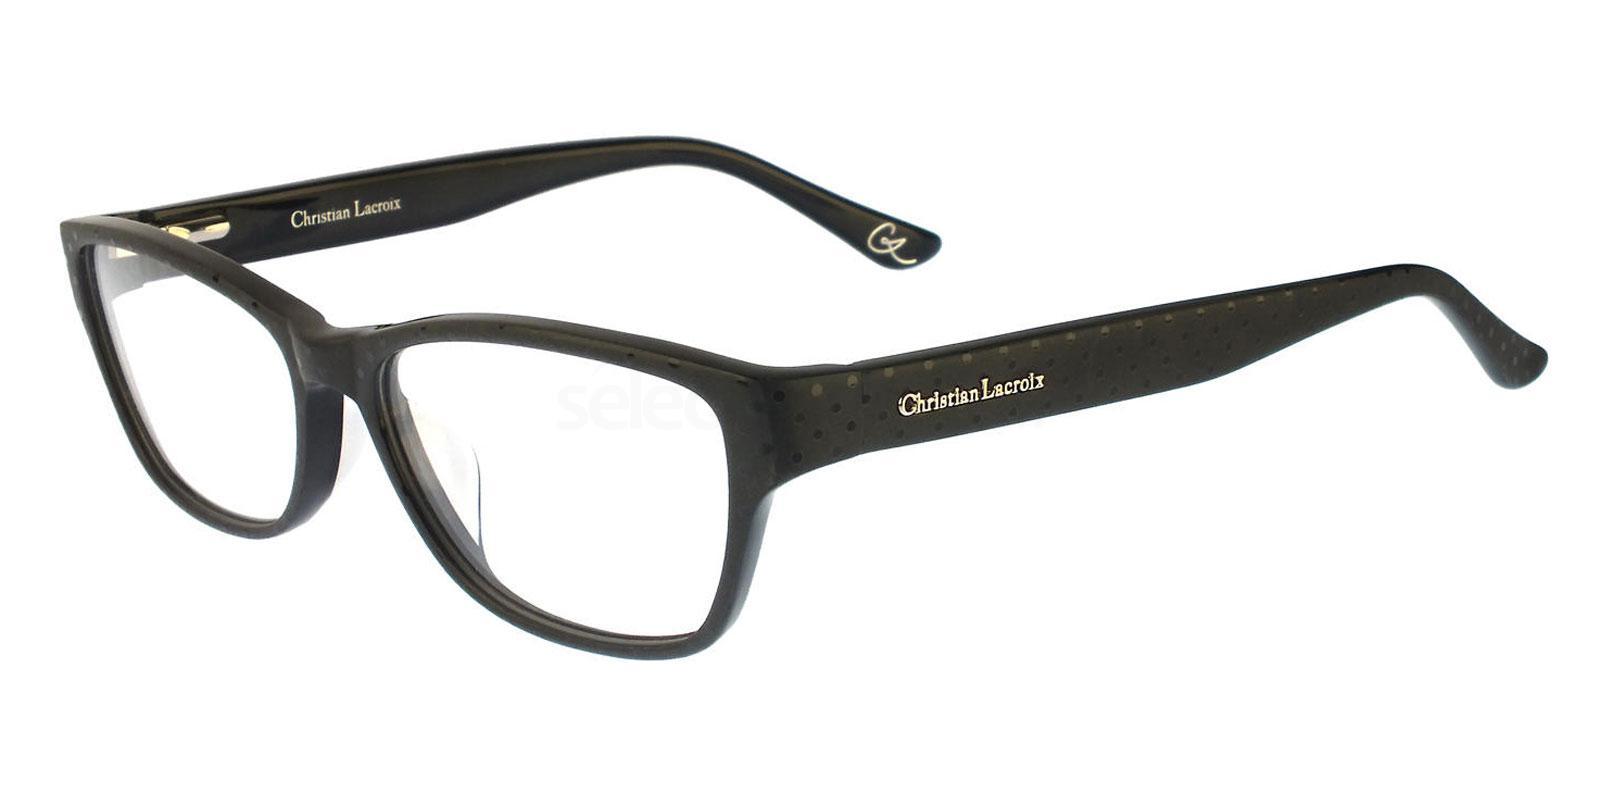 001 CL1015 Glasses, Christian Lacroix